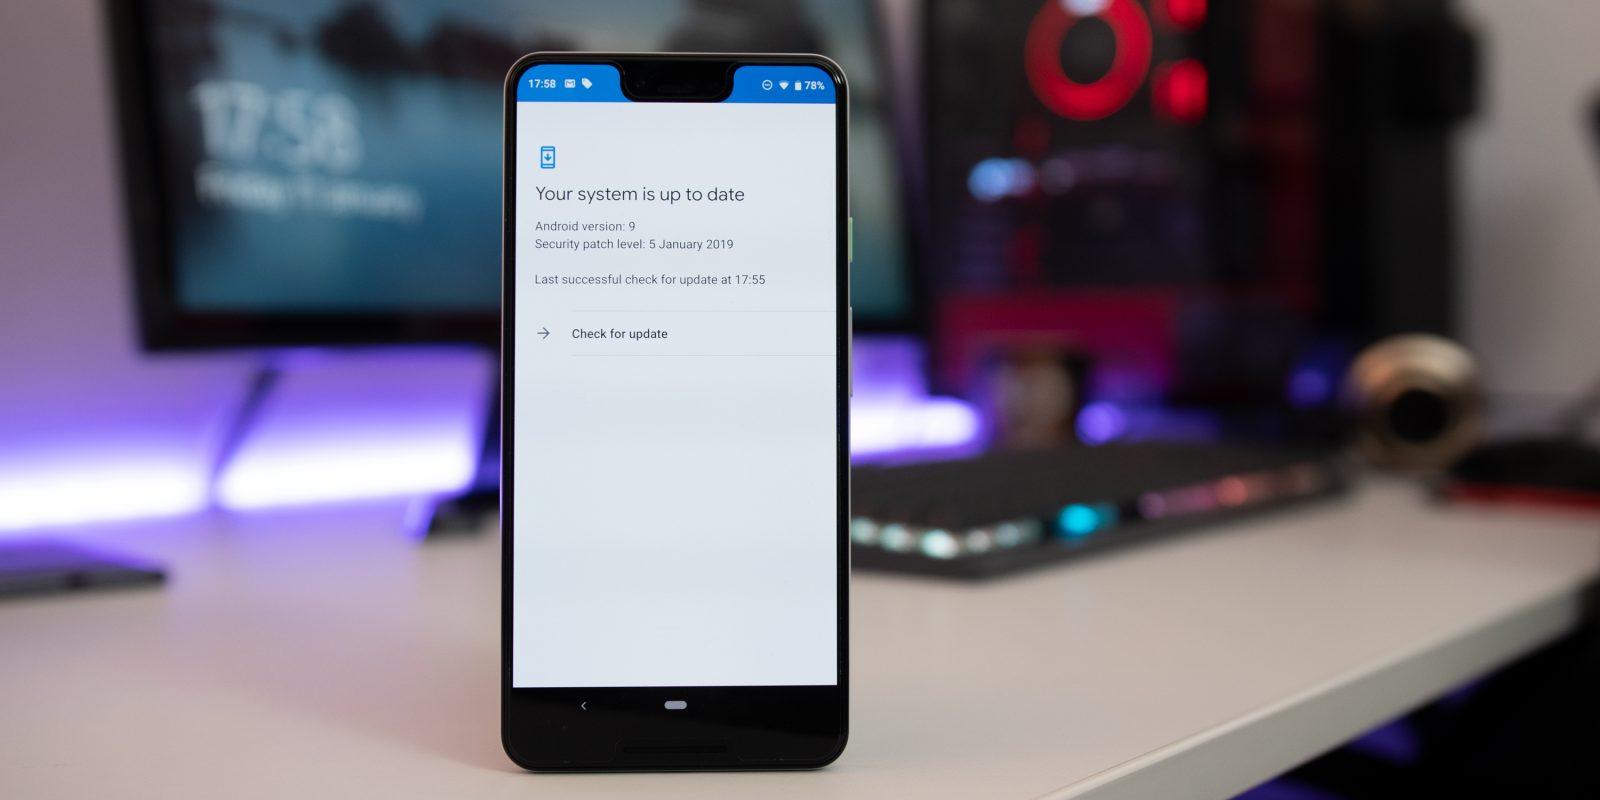 Boletín de seguridad de Android: ¡todo lo que necesita saber!